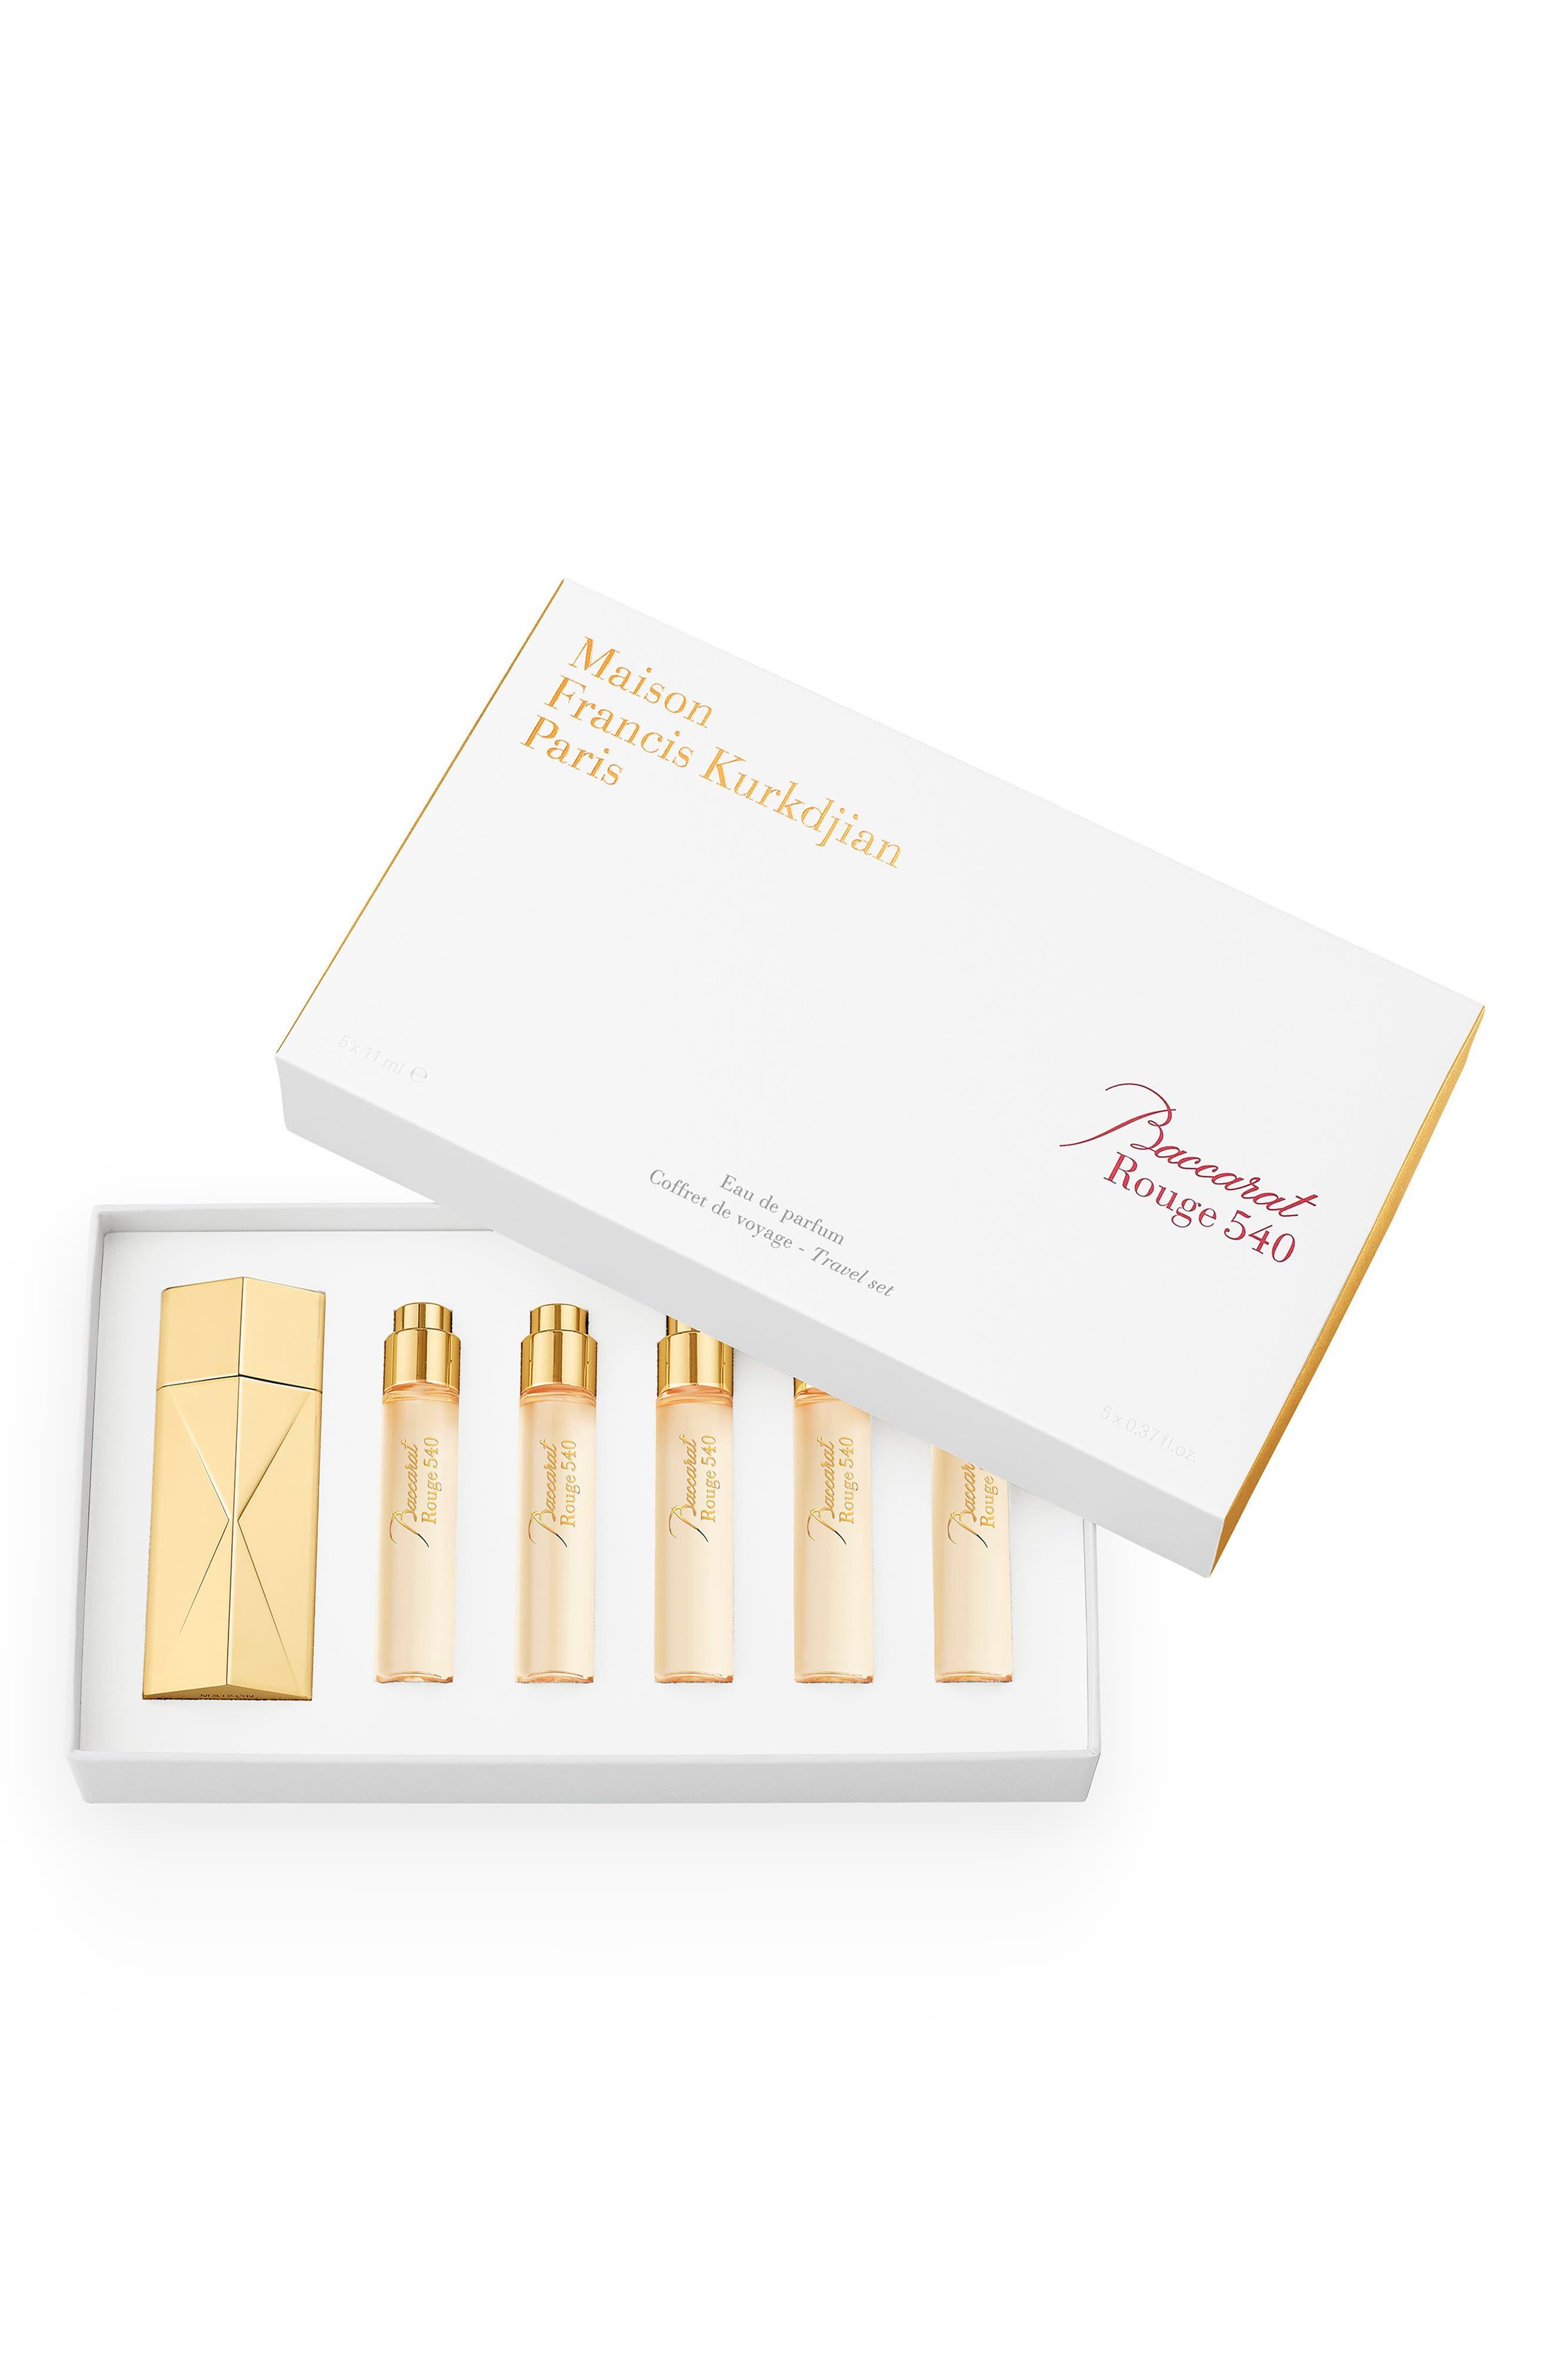 Paris Baccarat Rouge 540 Eau De Parfum Travel Set